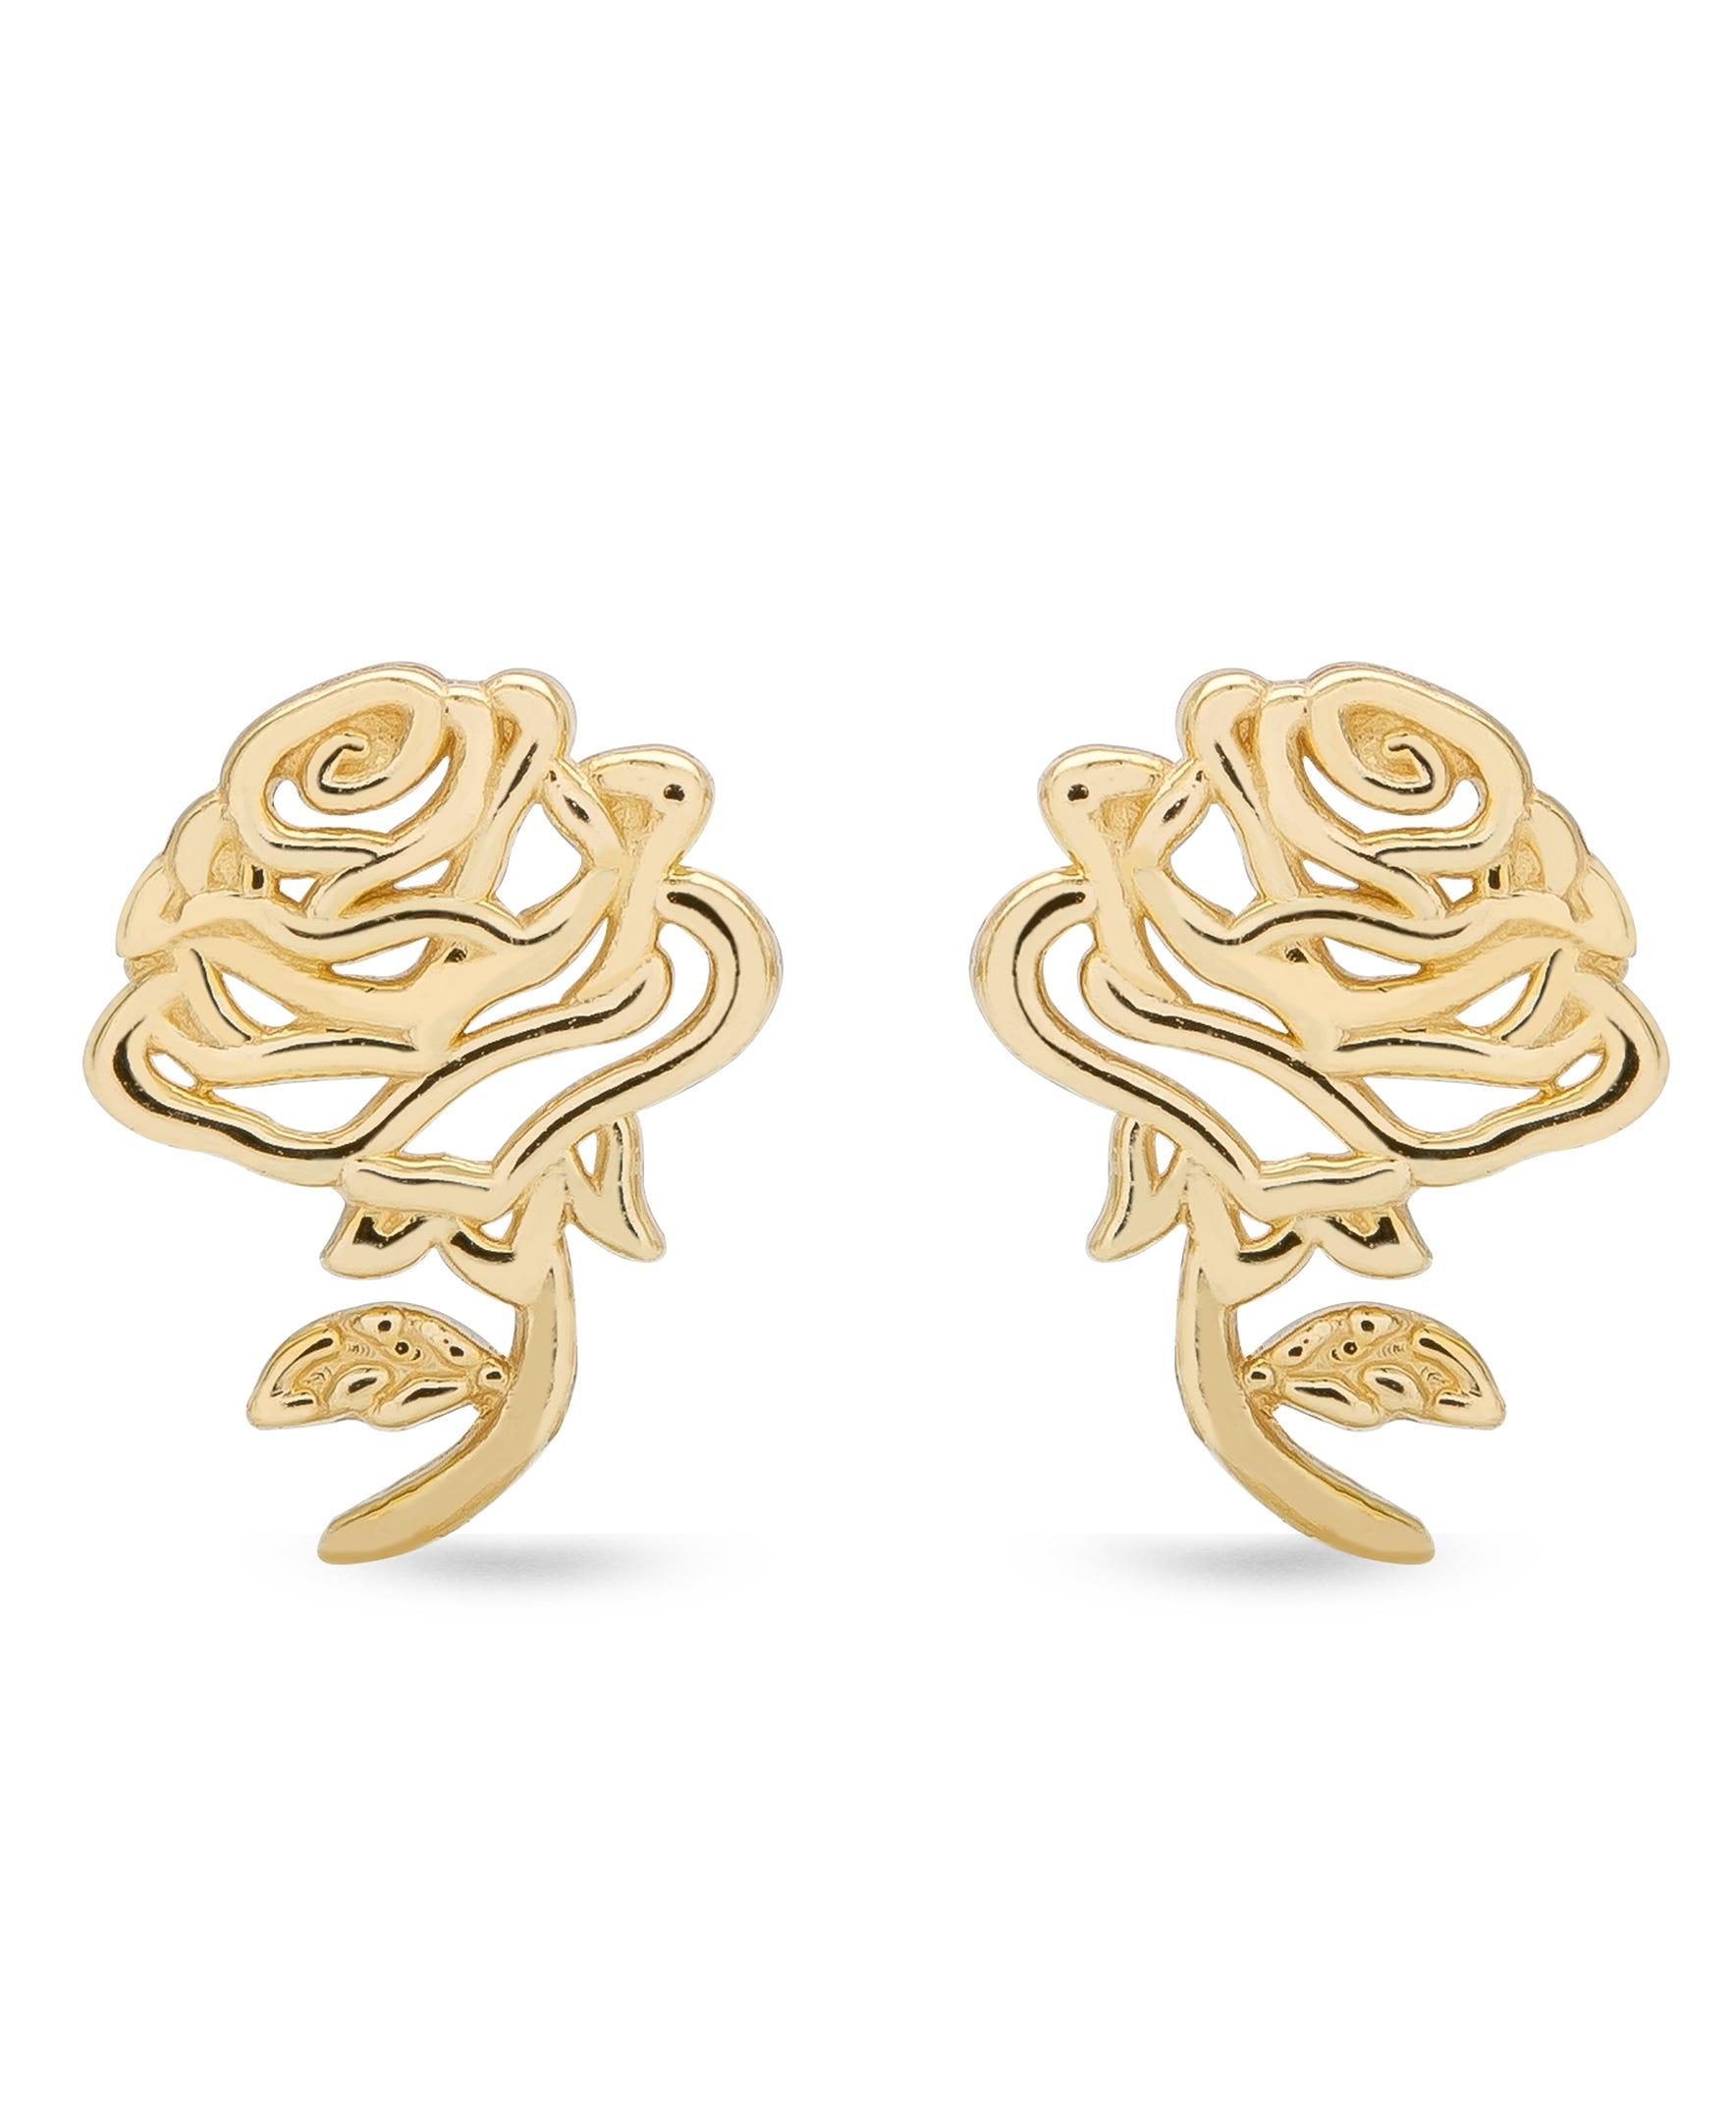 DISNEY© Belle Rose Stud Earrings in 14k Yellow Gold